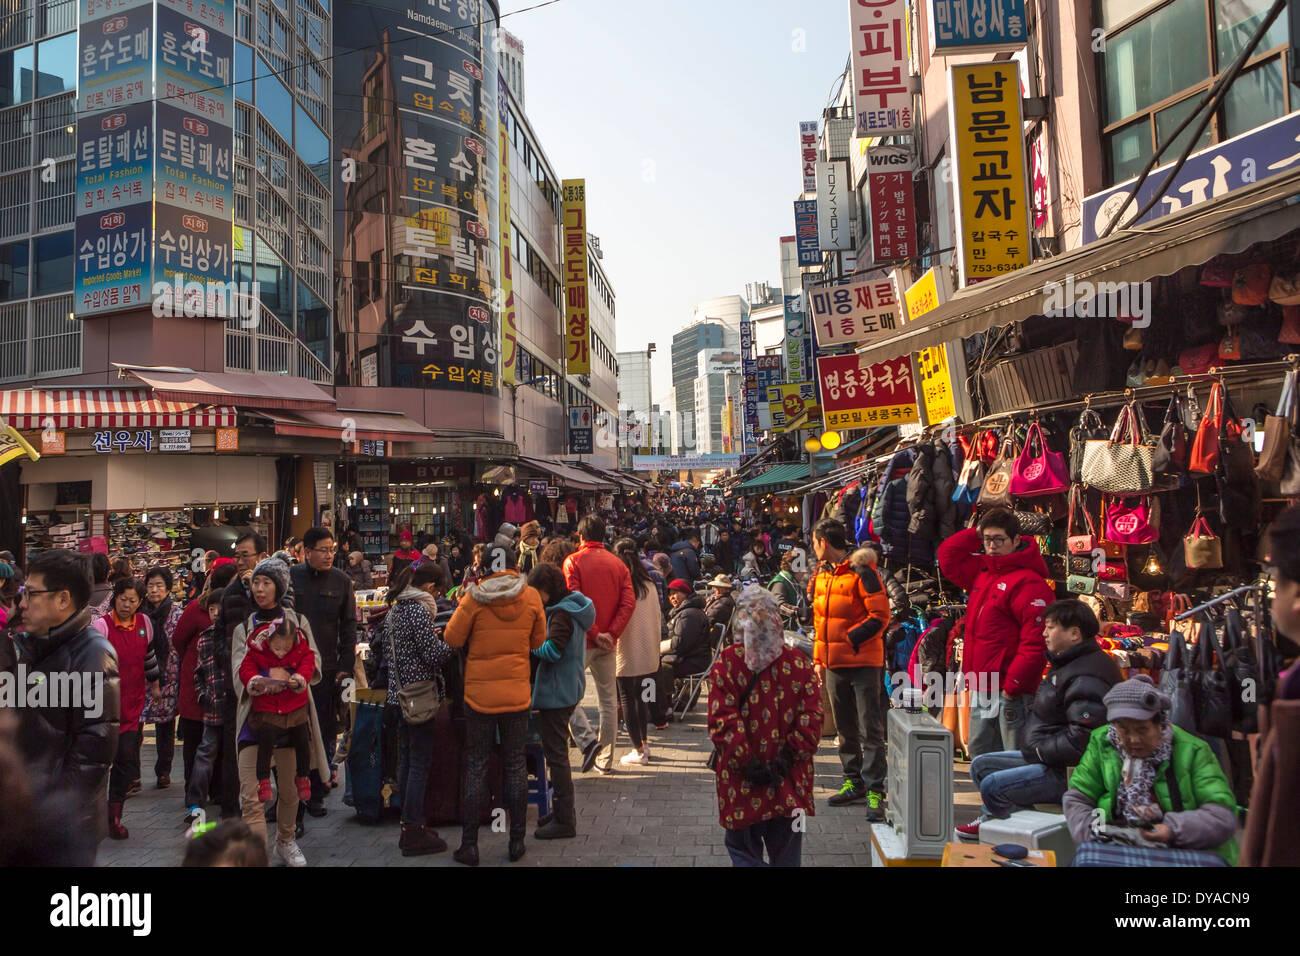 Asie Corée Seoul Myeongdong colorée ville monument populaire rue commerçante marché scène touristique voyage traditionnel peopl Photo Stock